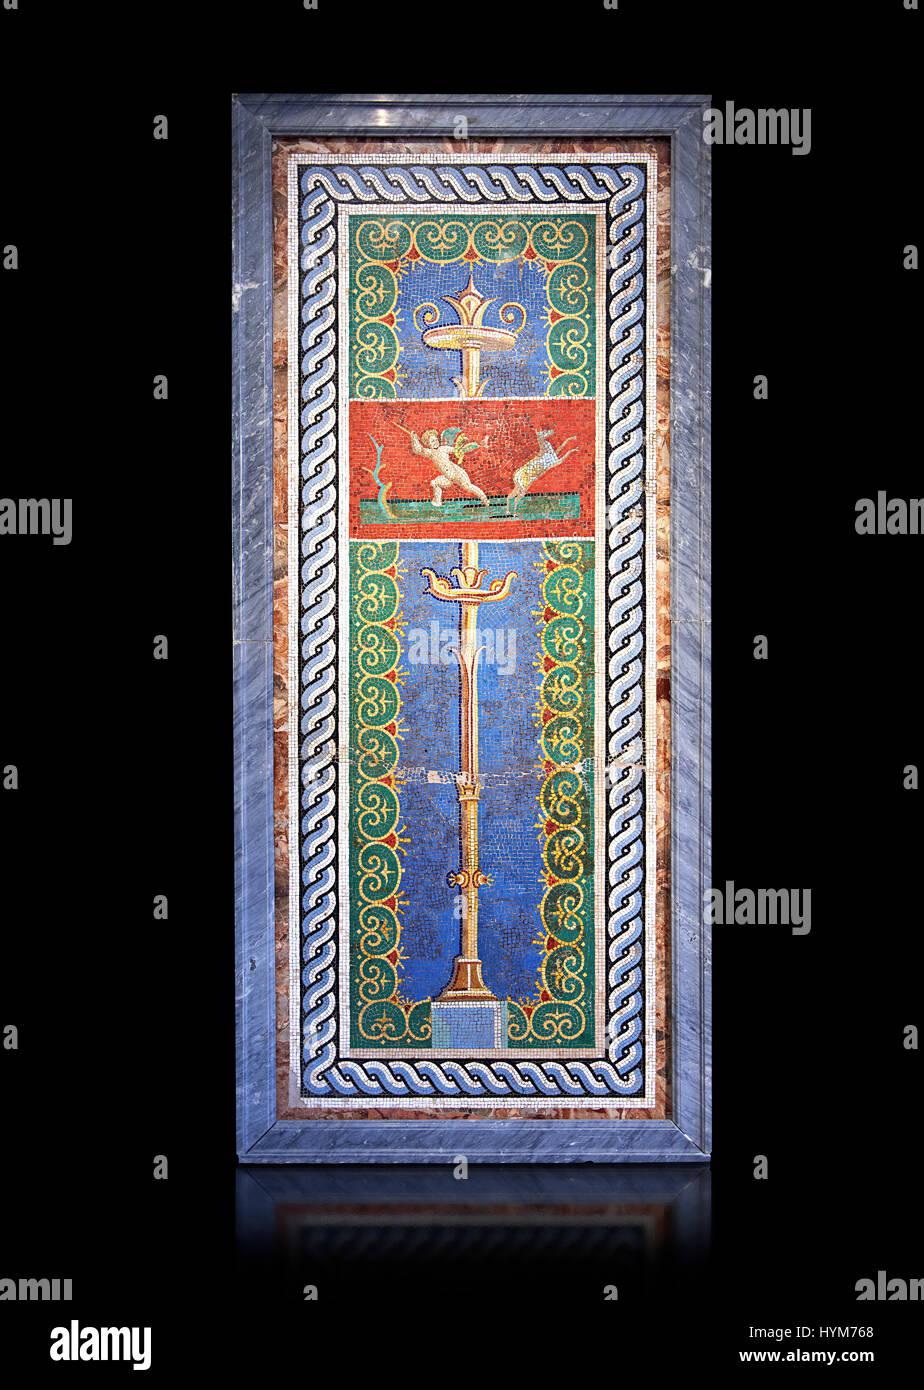 römische stoffbahn mit kandelaber und ein amor jäger in glas kleben